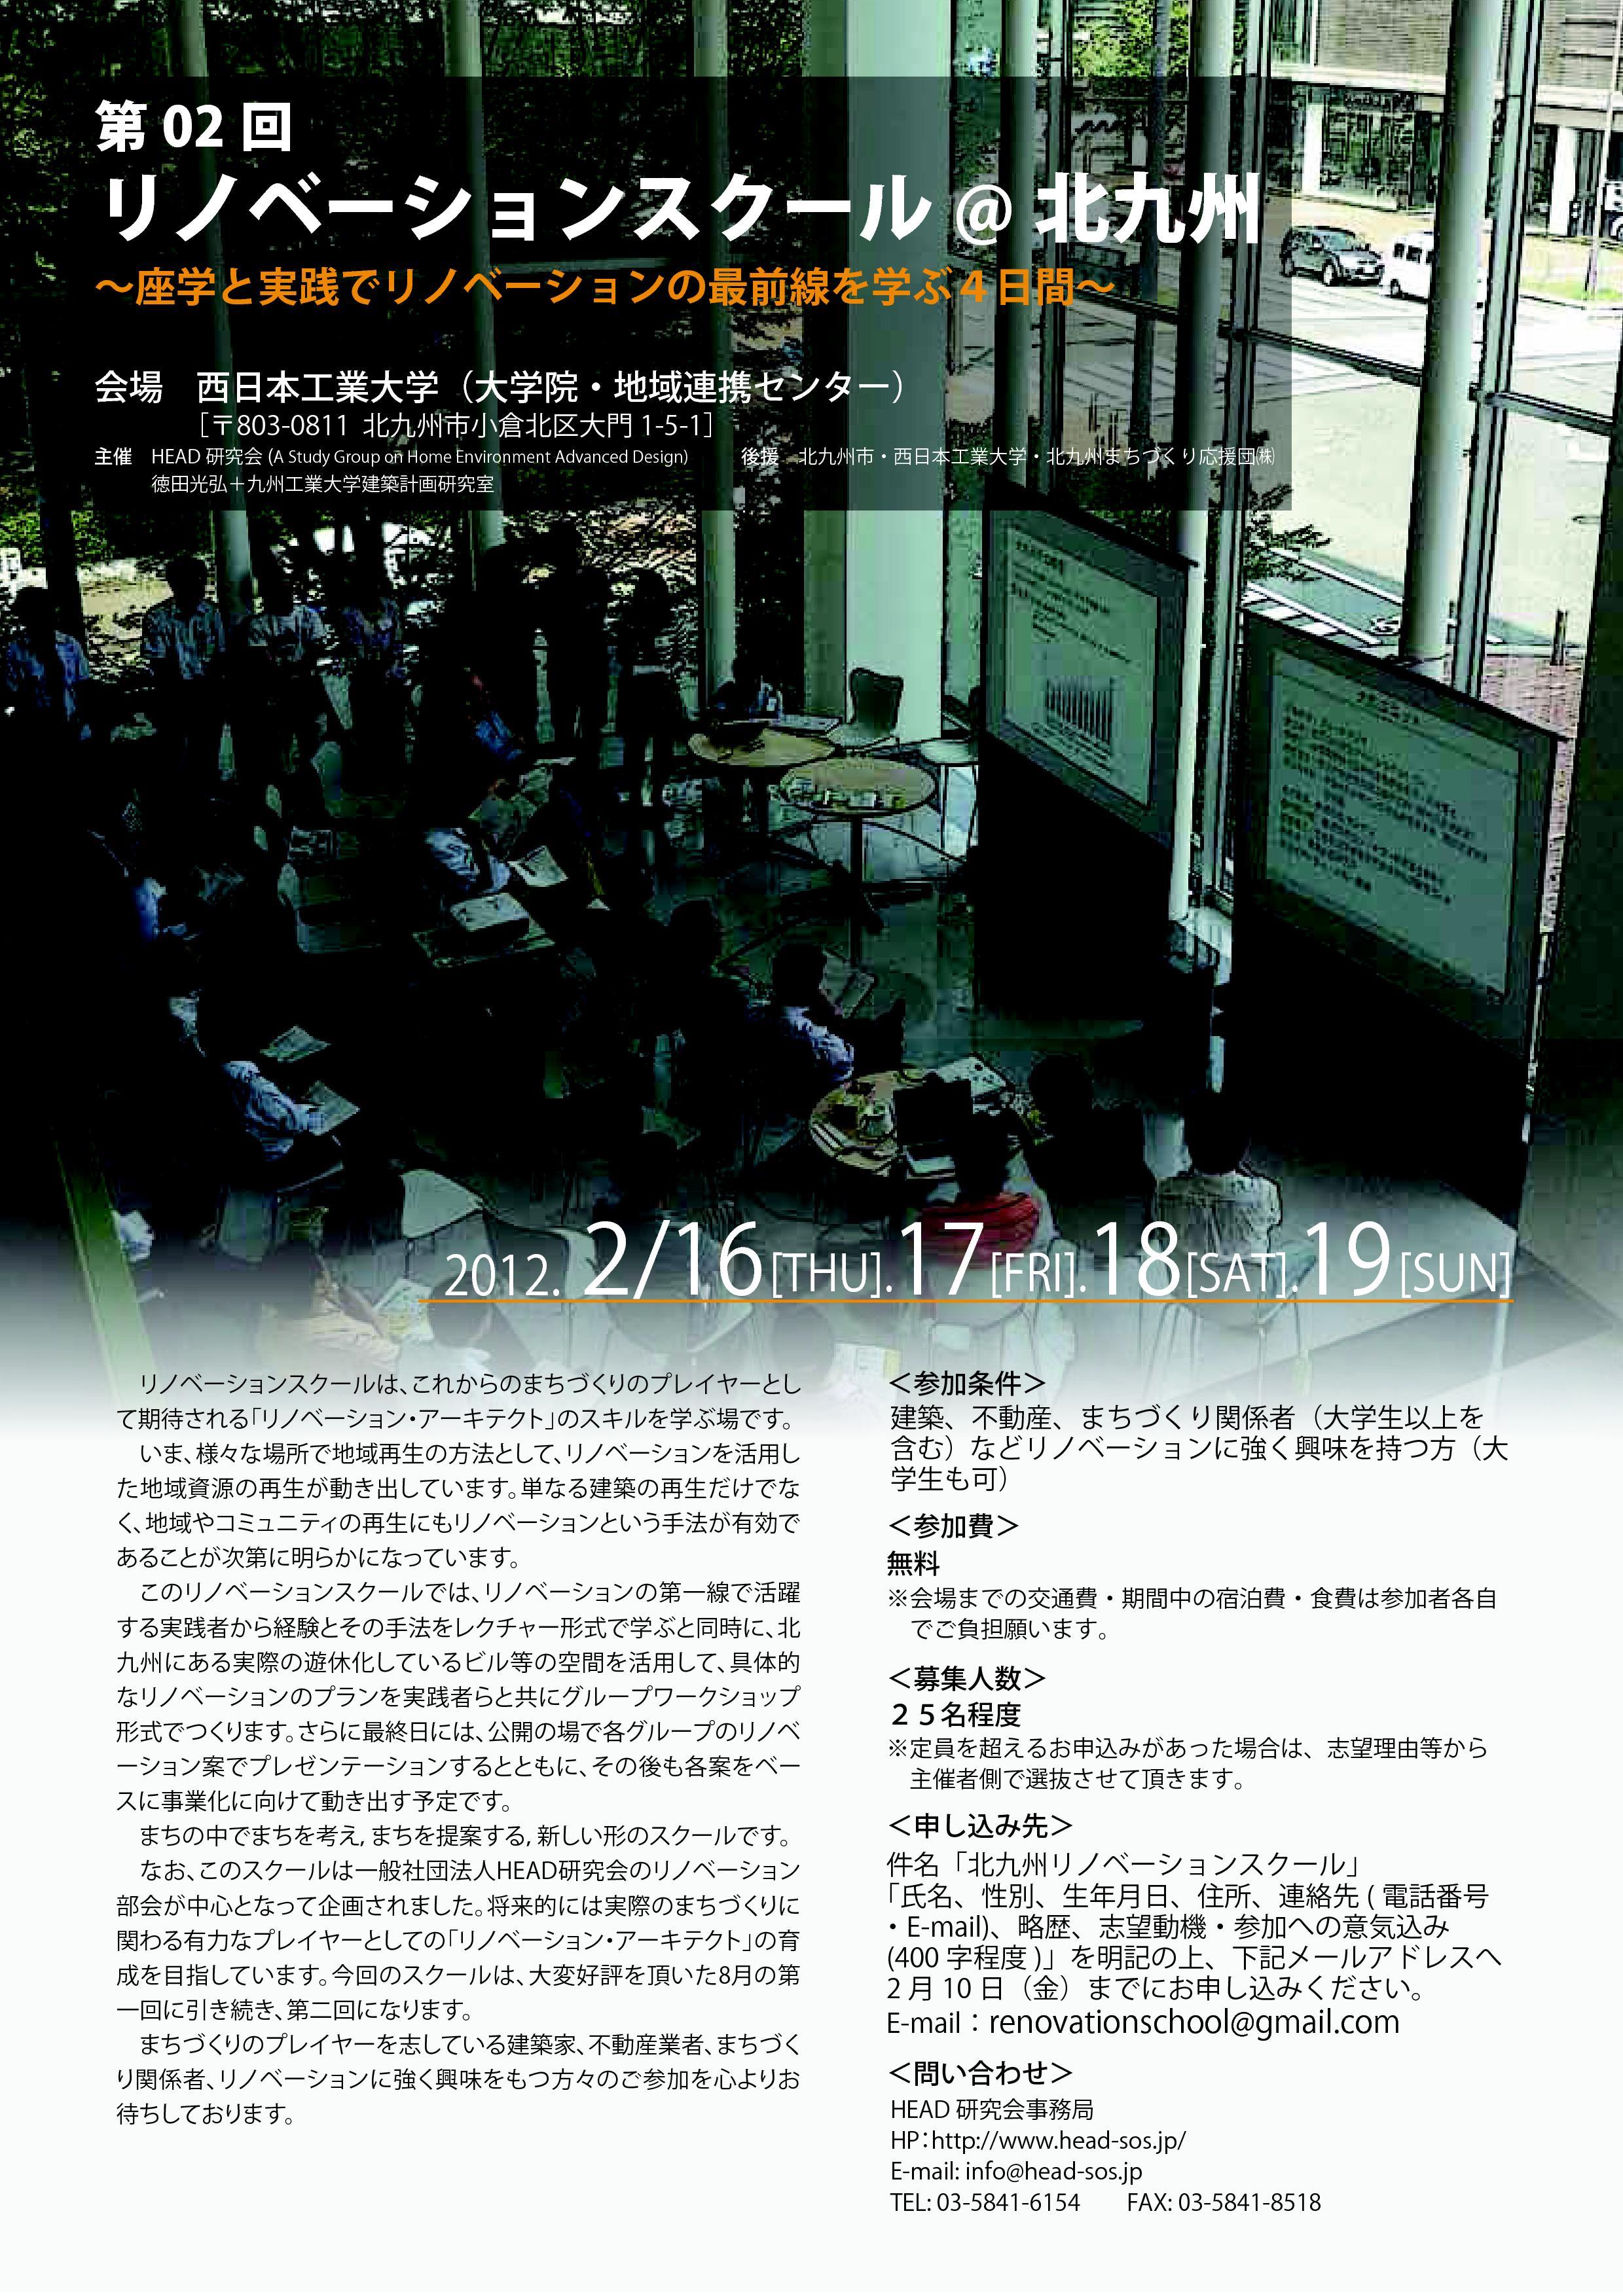 第02回リノベスクールフライヤー00(最小化版)